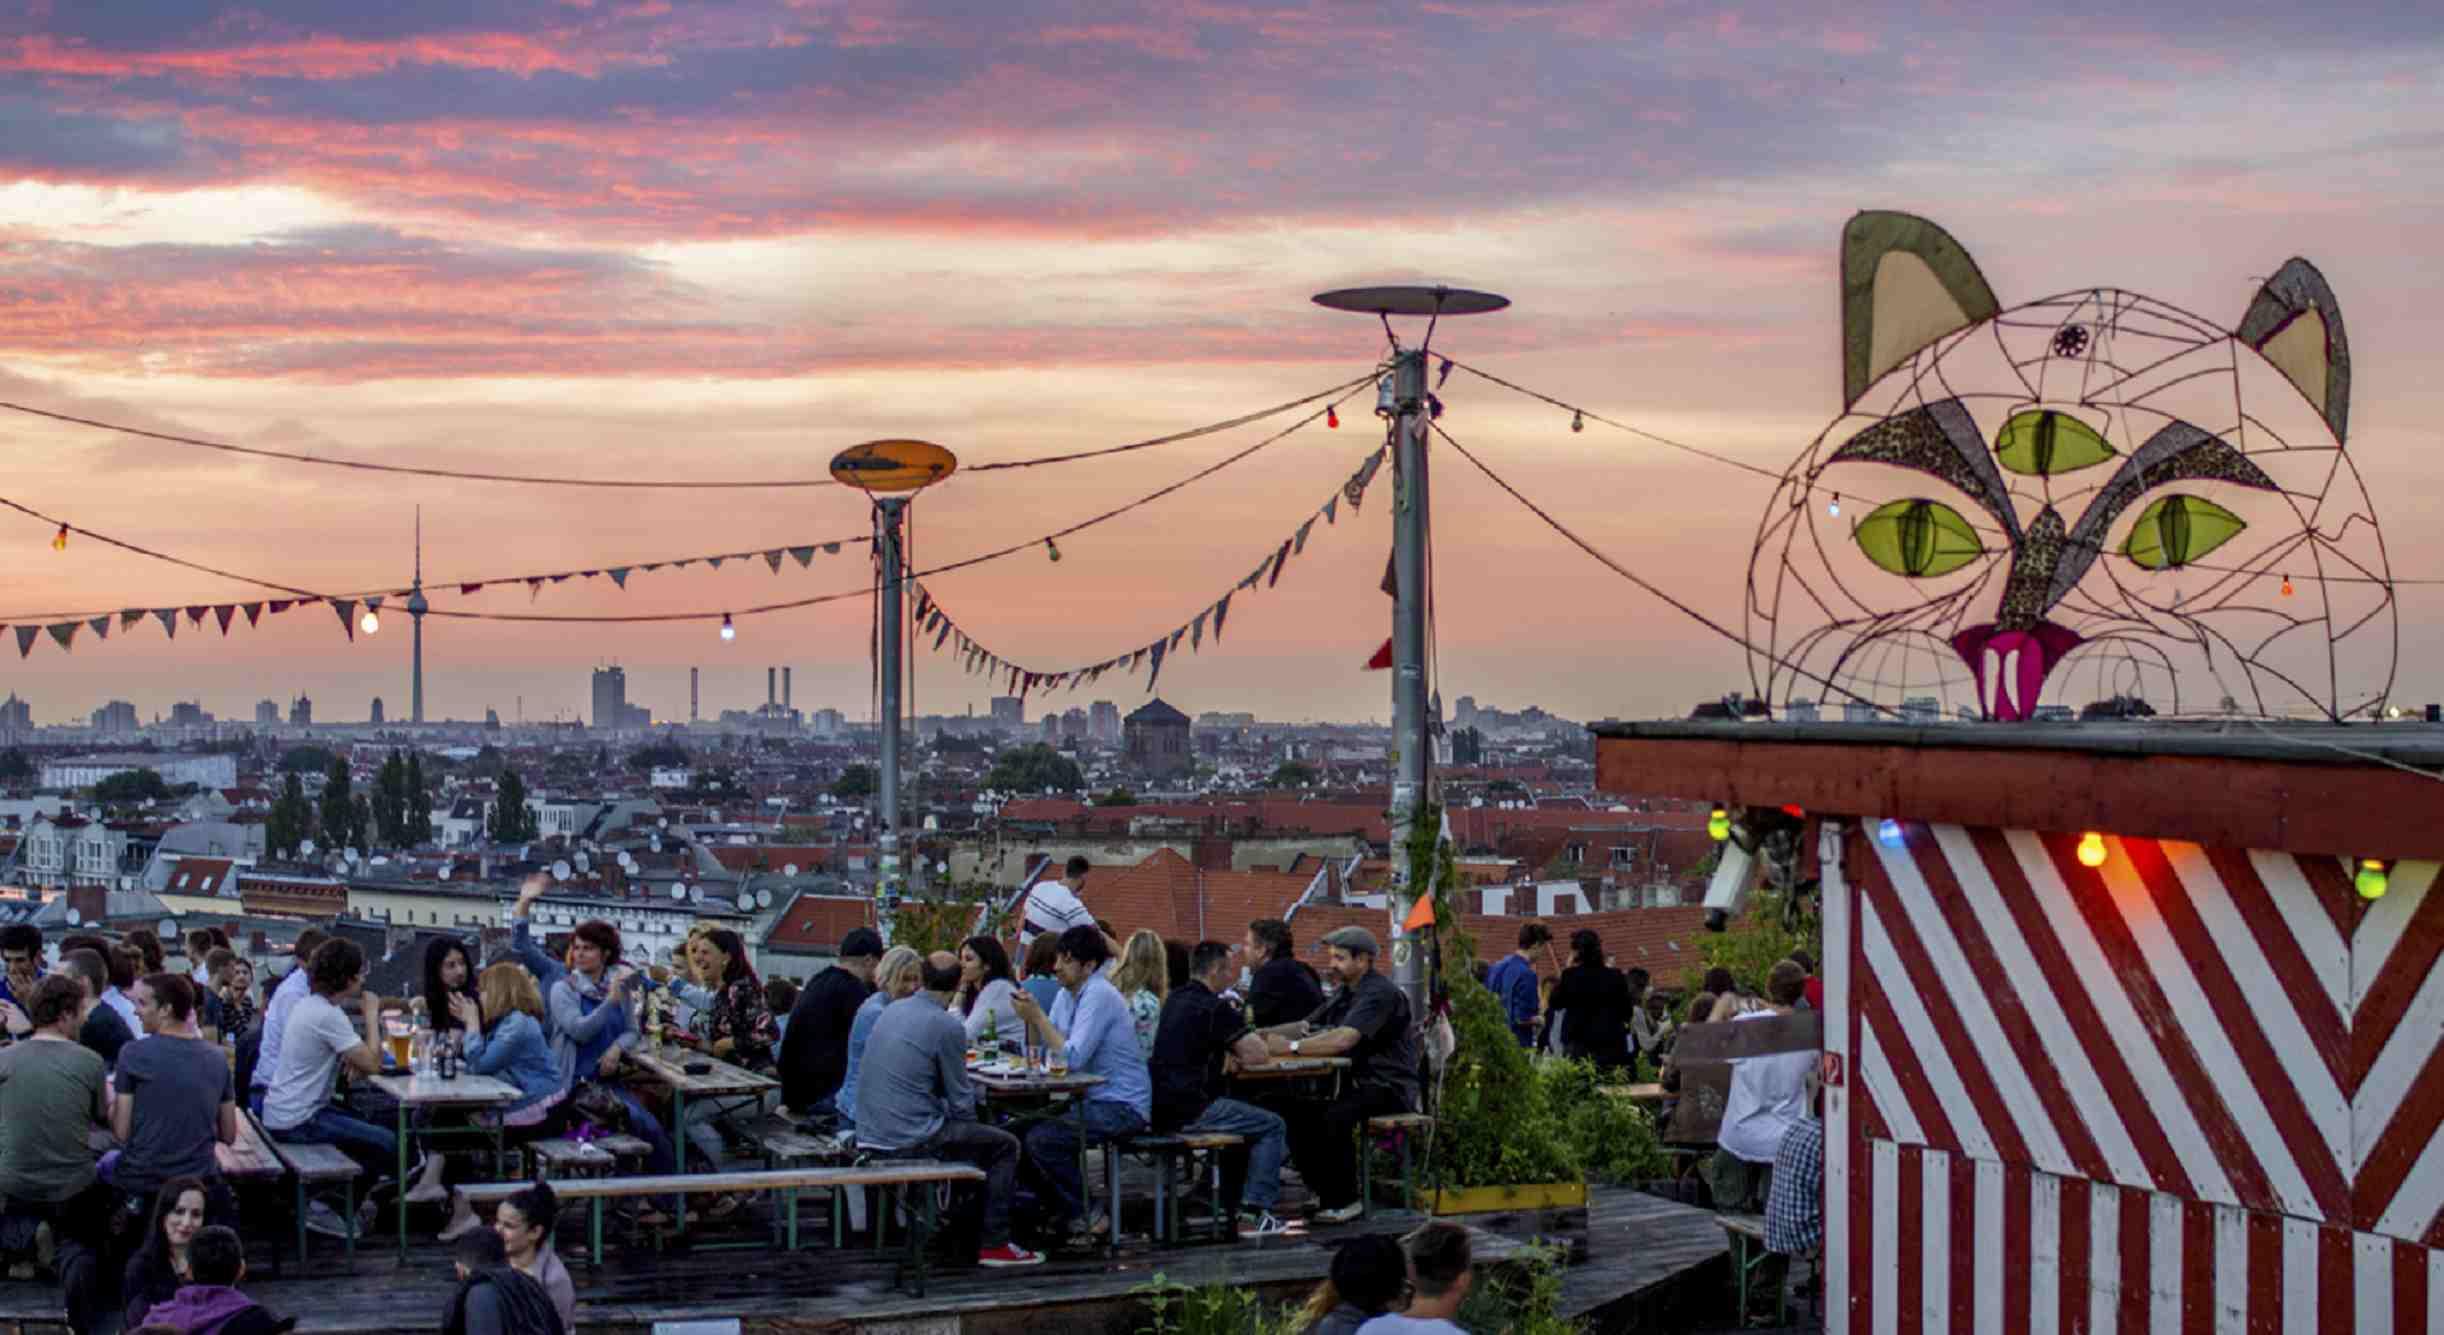 Klunkerkranich rooftop bar in Berlin